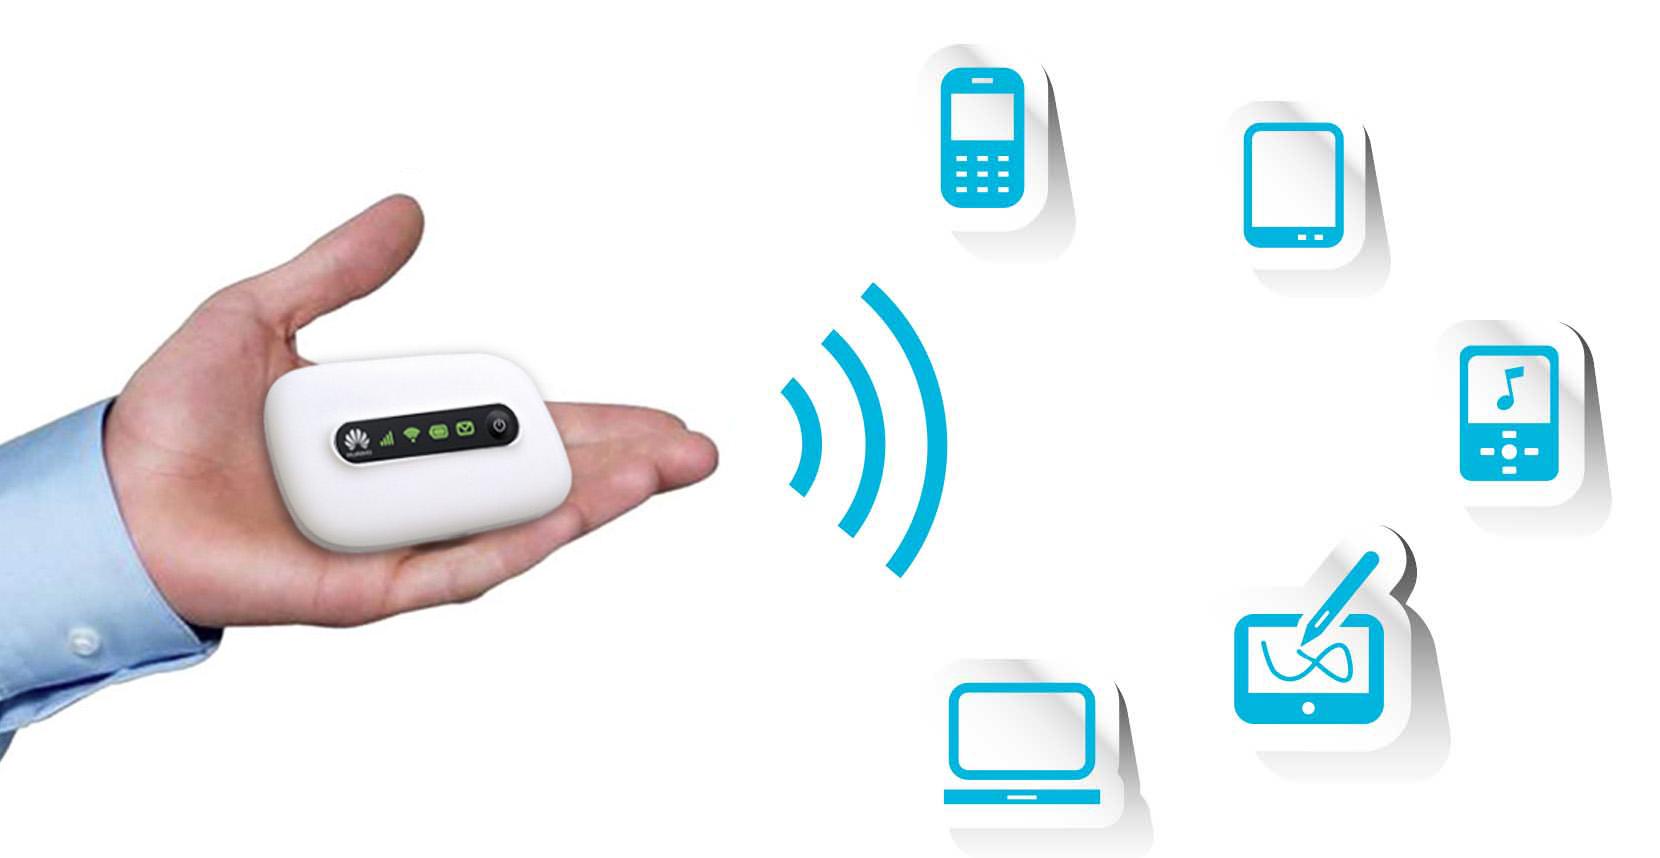 Делайте свой выбор: срвнение тарифом на 3G от всех операторов